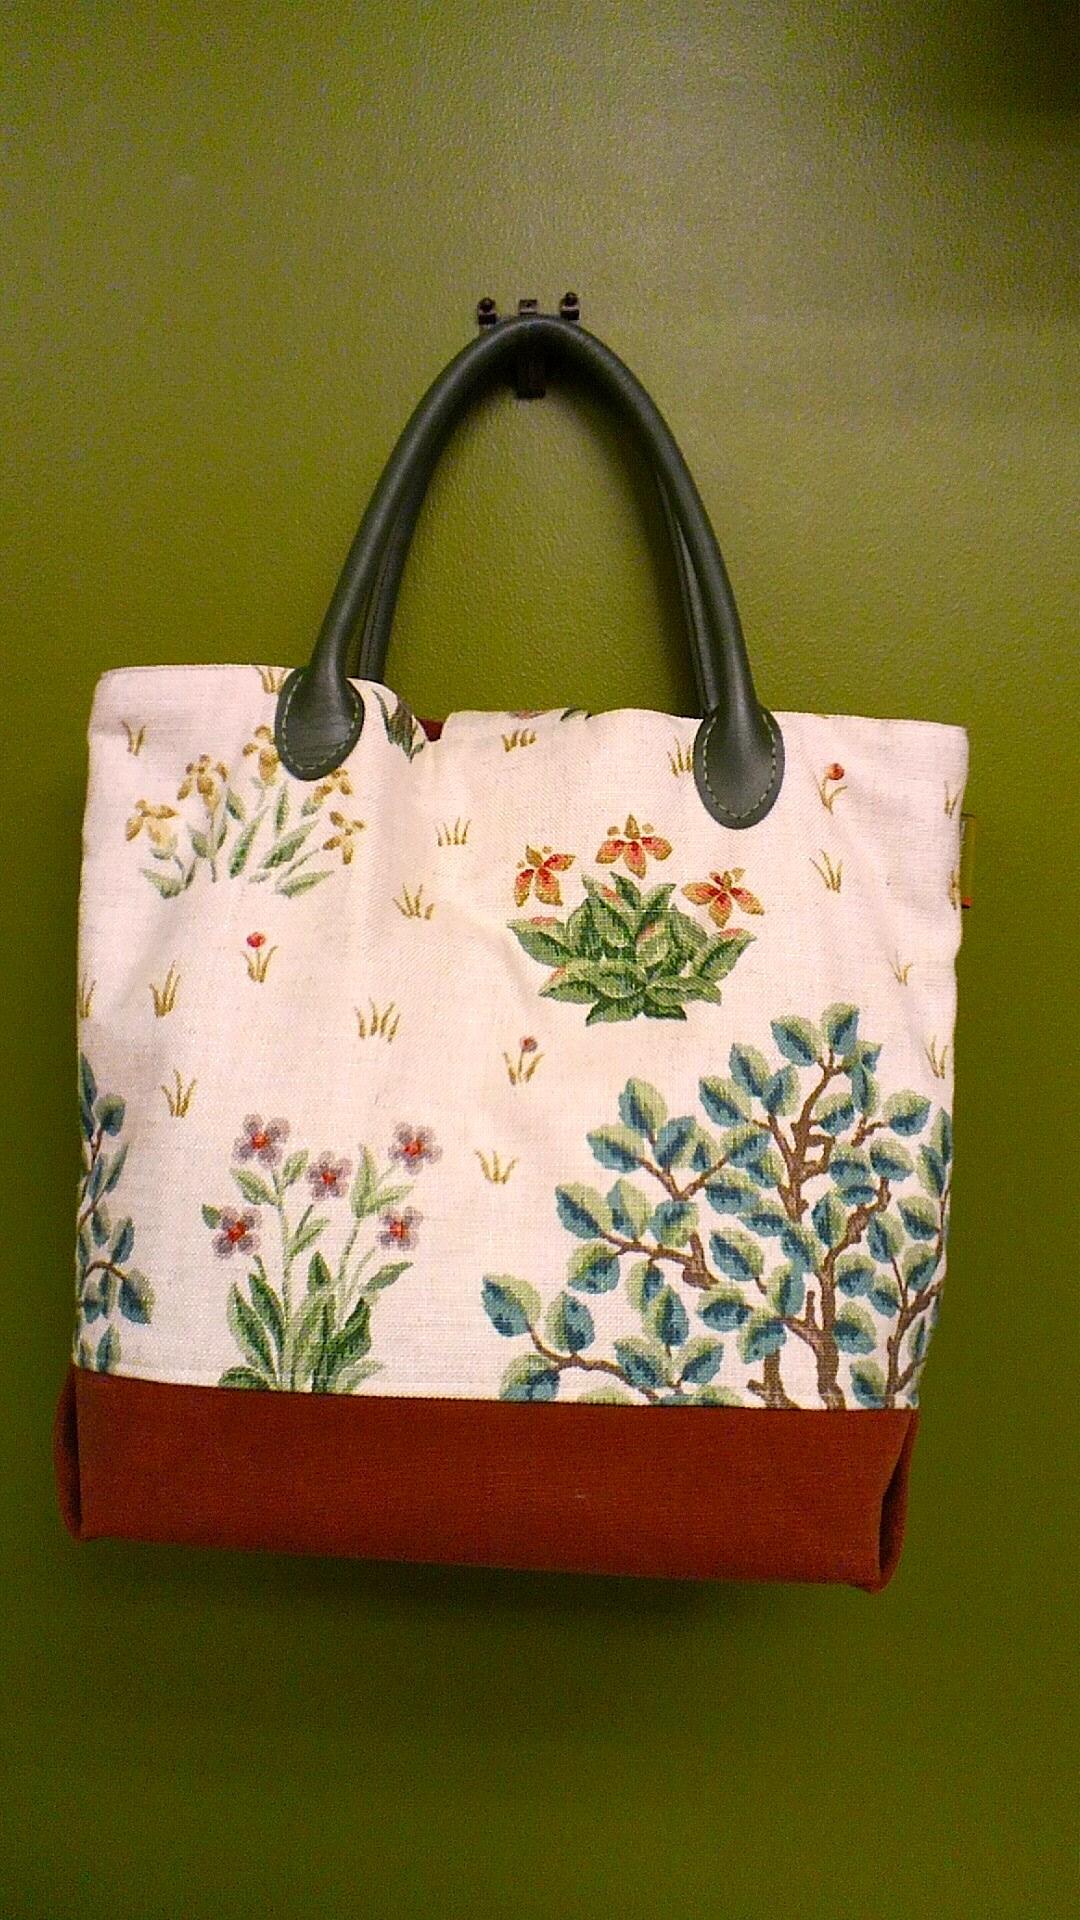 モリスのカーテン生地で作った「布バッグ」_c0157866_1434336.jpg